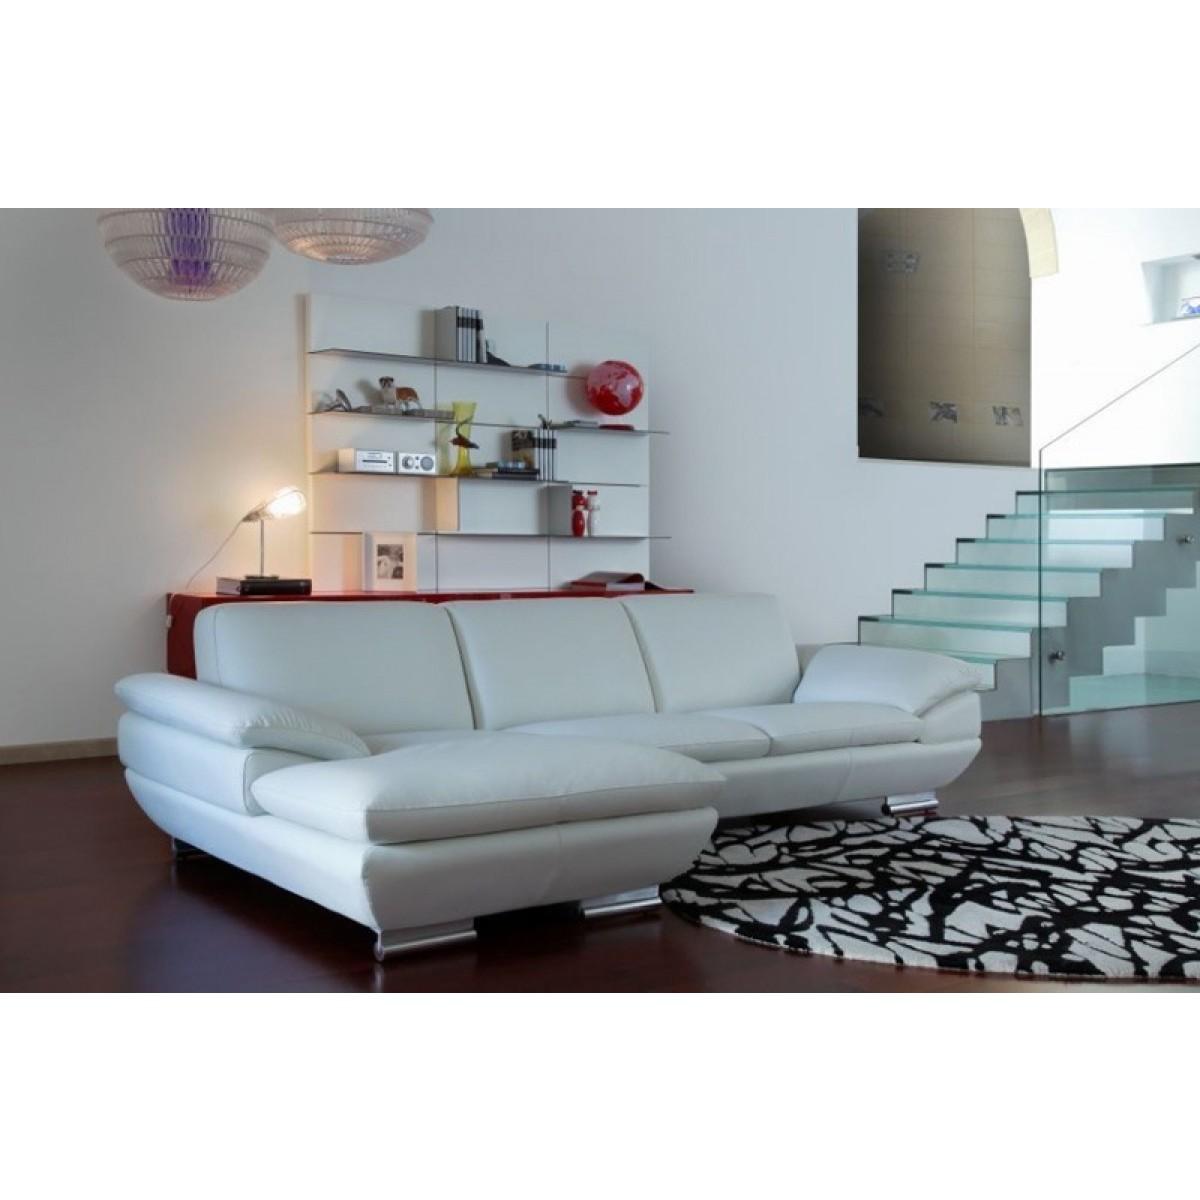 canap d 39 angle en cuir provence canap s d 39 angle en cuir canap s. Black Bedroom Furniture Sets. Home Design Ideas